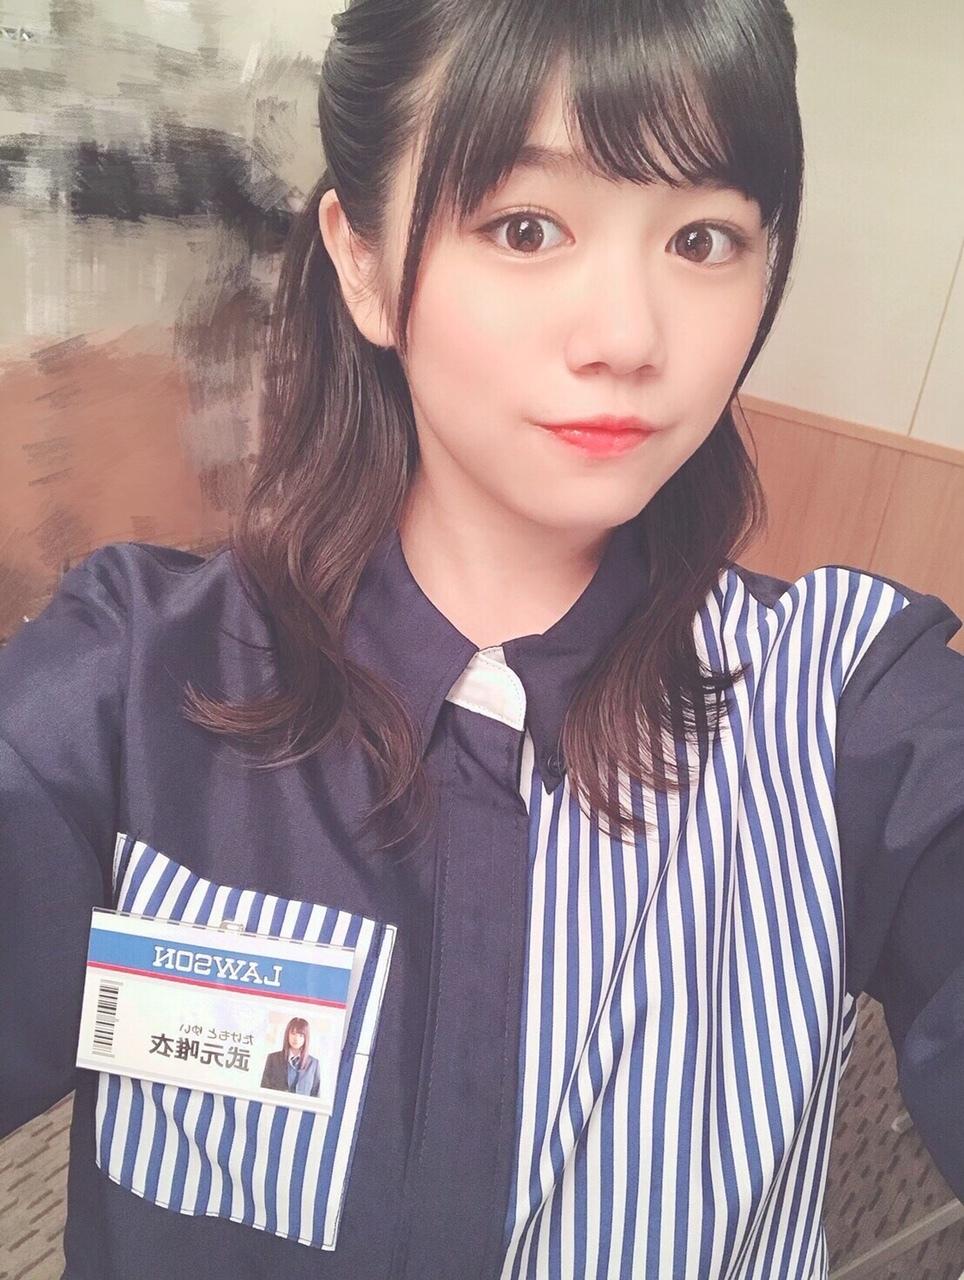 札幌。武元唯衣です。